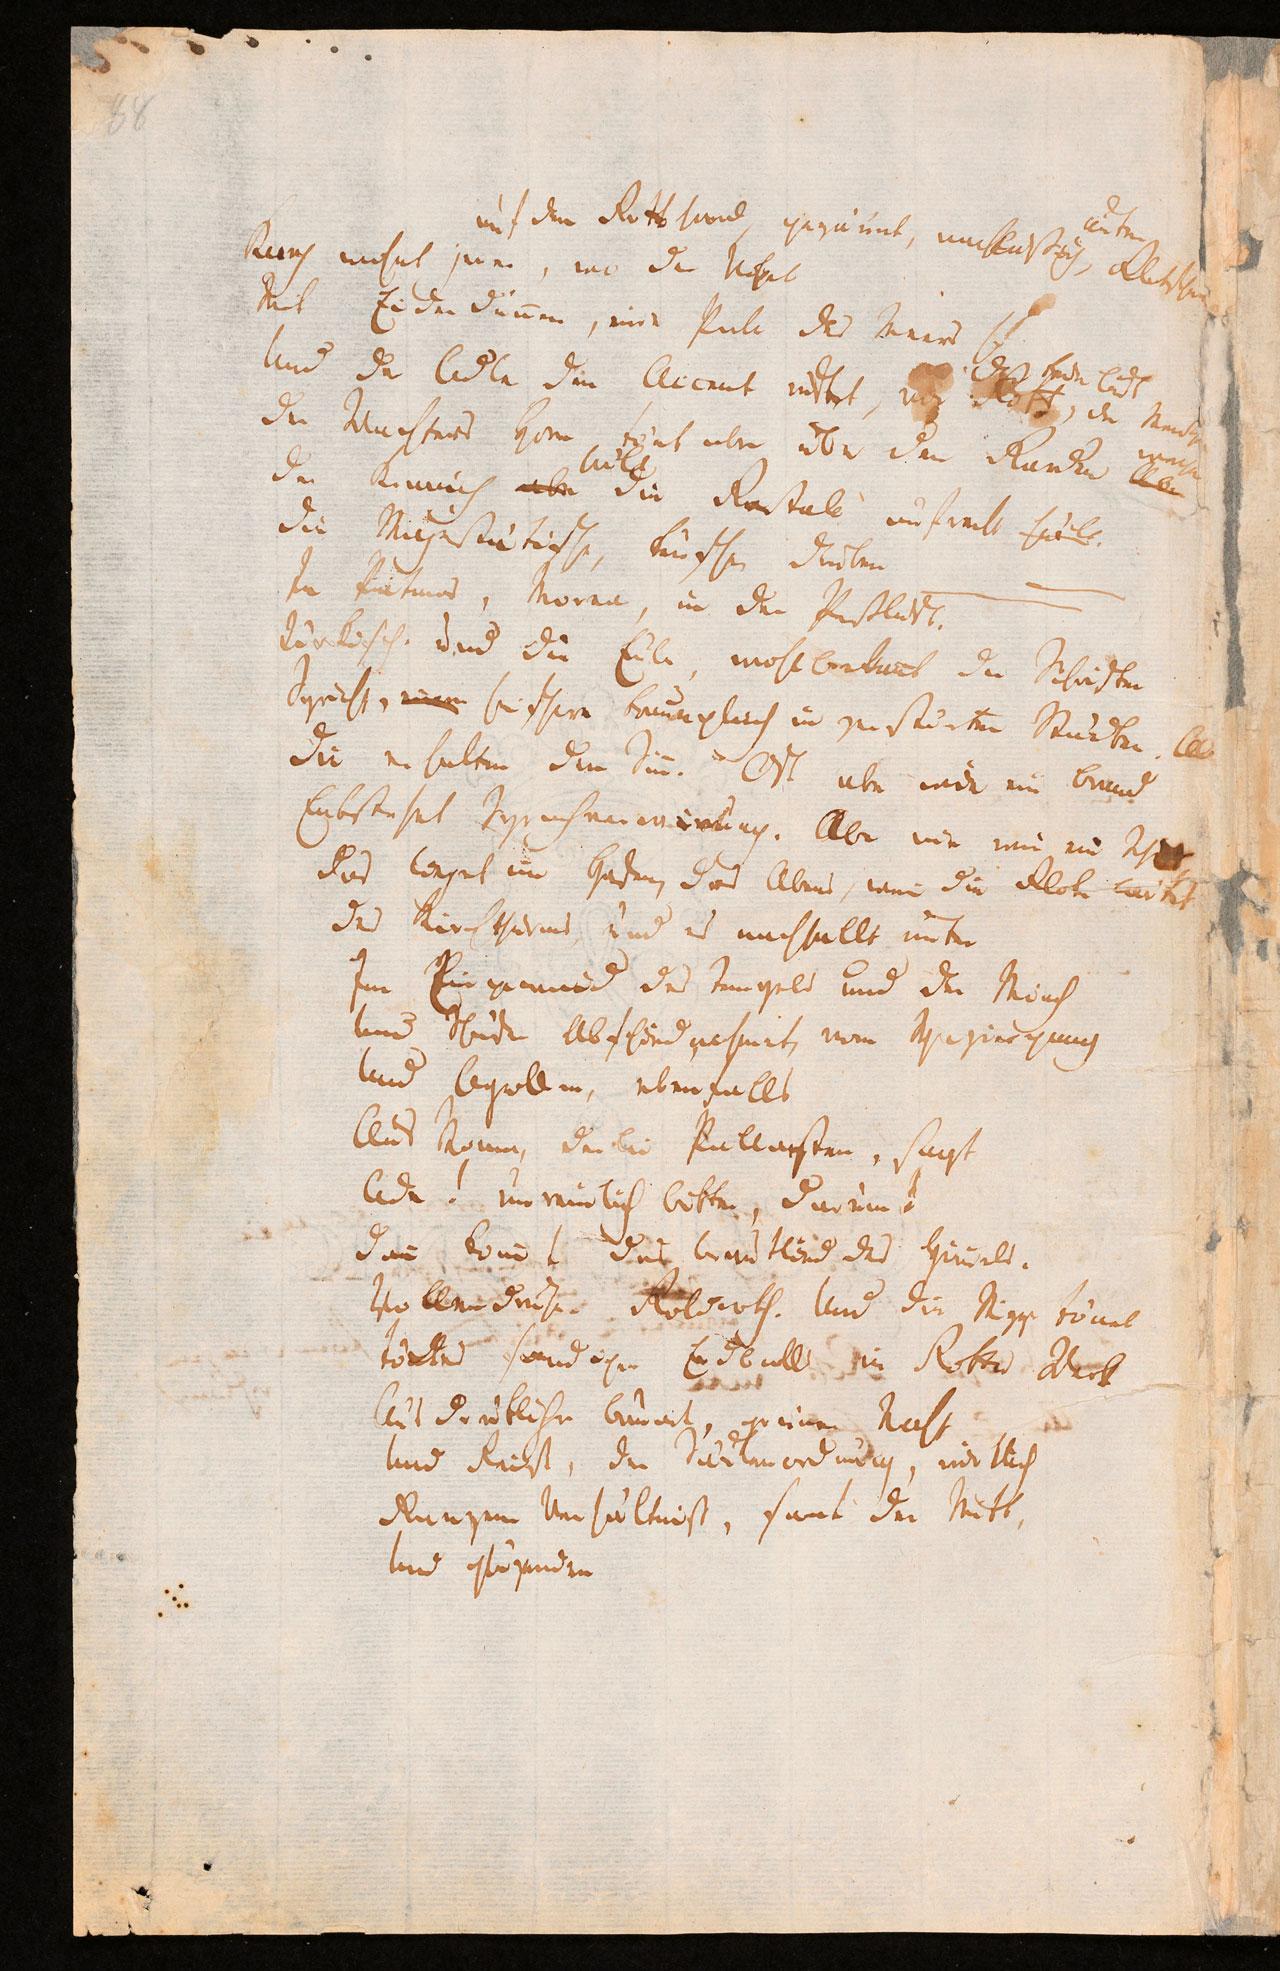 Friedrich Hölderlin, Homburger Folioheft, Seite 88, auf dem Gotthard…, Handschrift